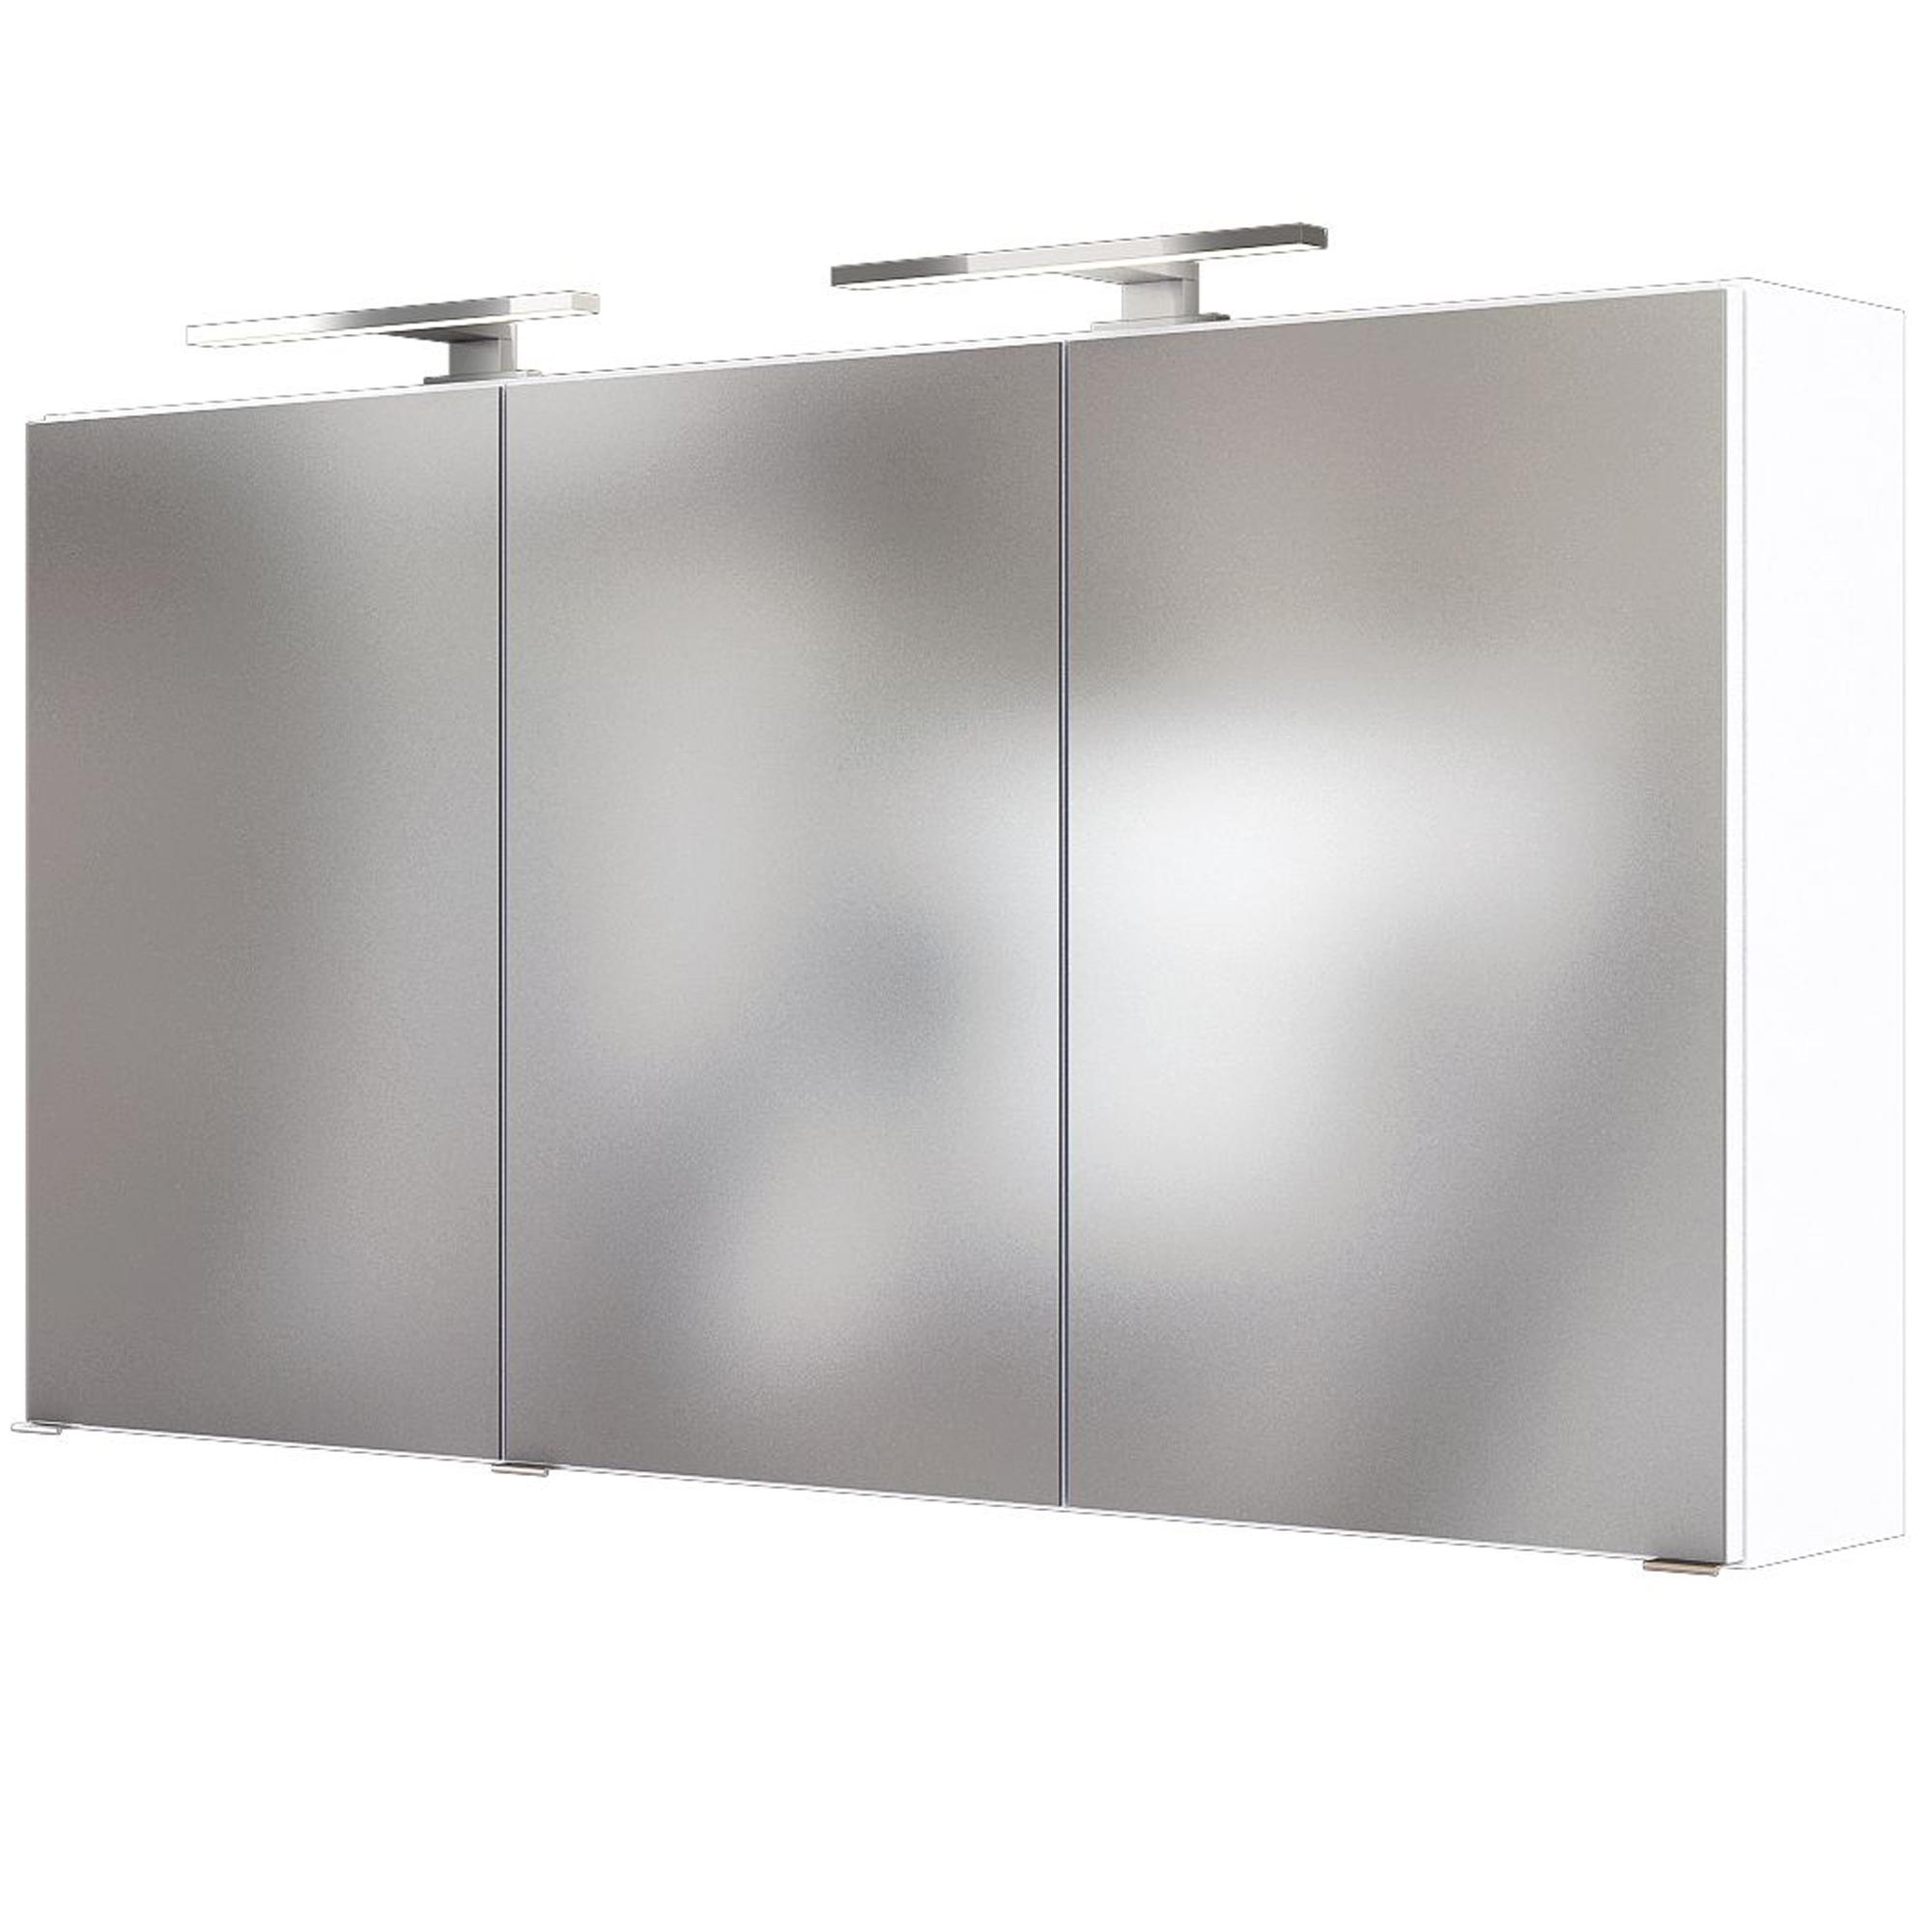 Bad Spiegelschrank 3 Turig Mit Beleuchtung 120 Cm Breit Weiss Moebel Guenstig De